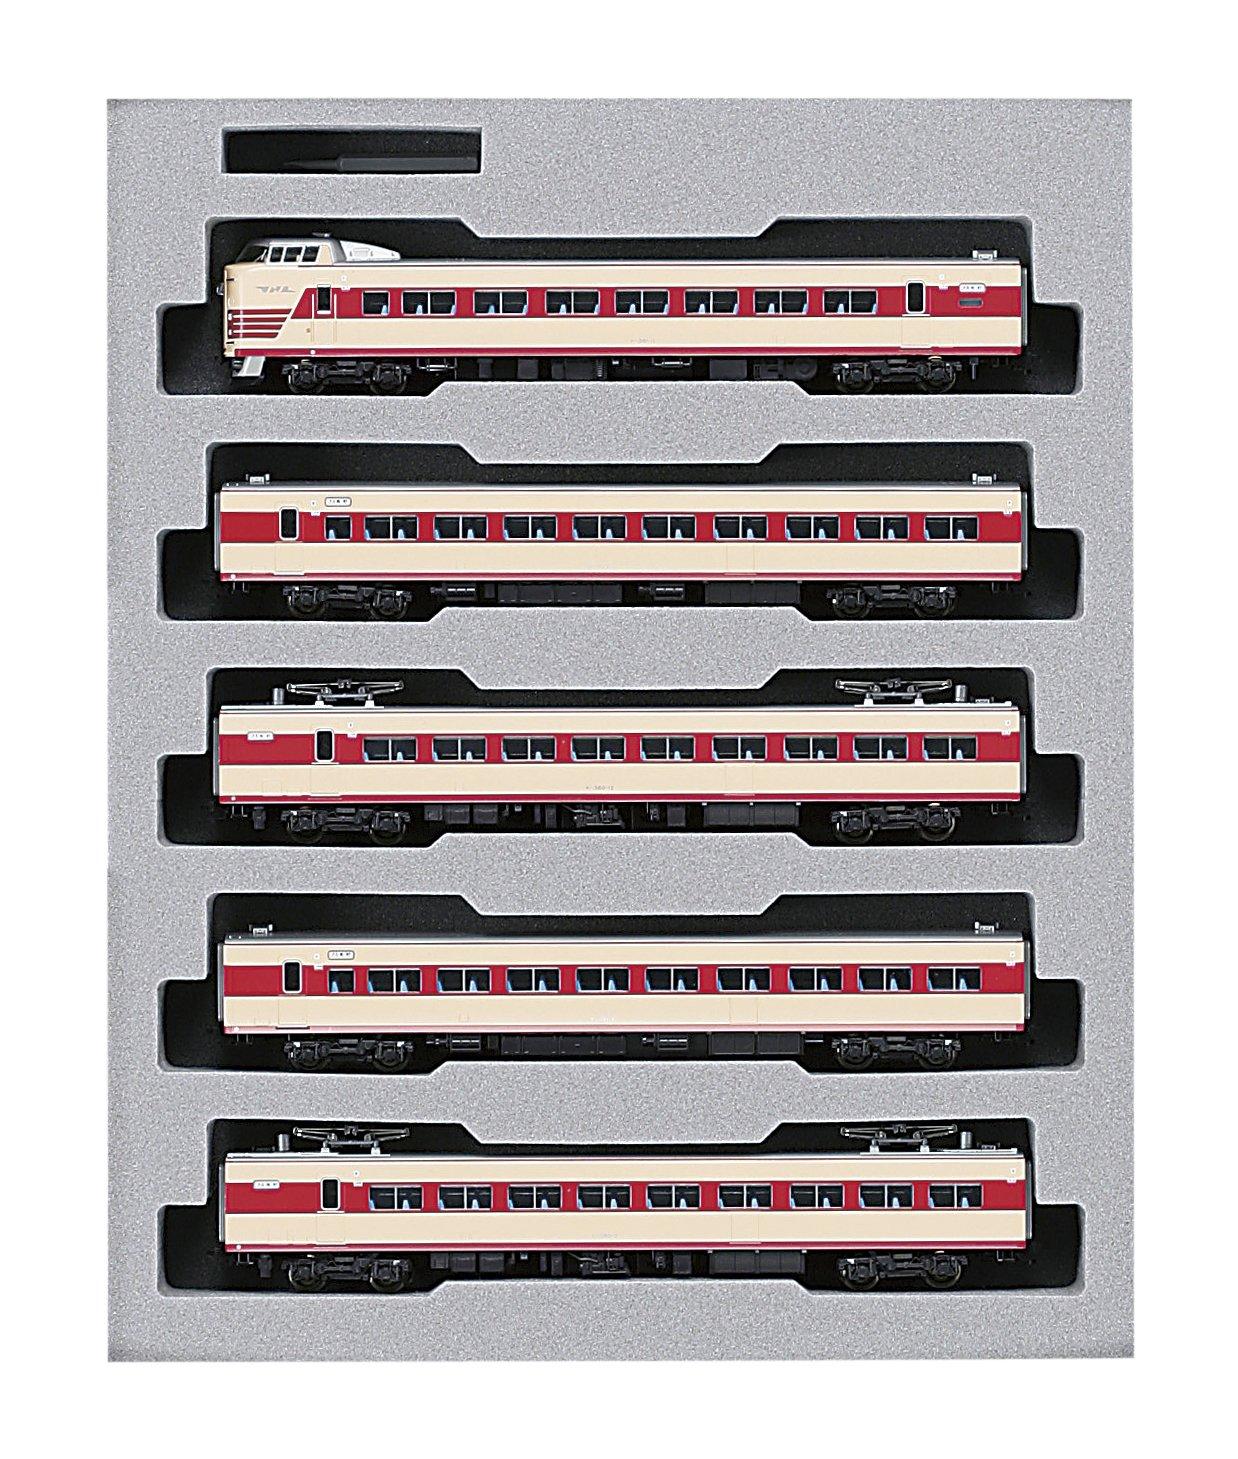 KATO Nゲージ 381系 しなの 9両セット レジェンドコレクション 10-876 鉄道模型 電車   B005JRA0M2